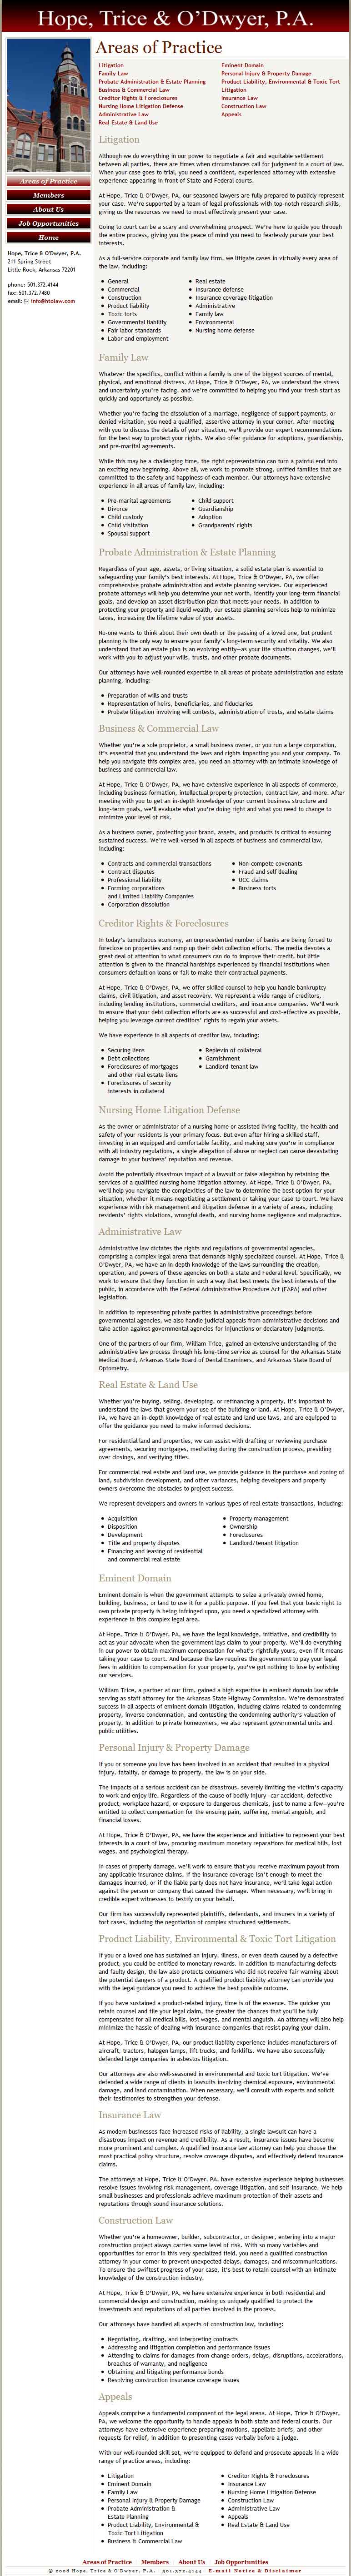 Web Content: Legal Services